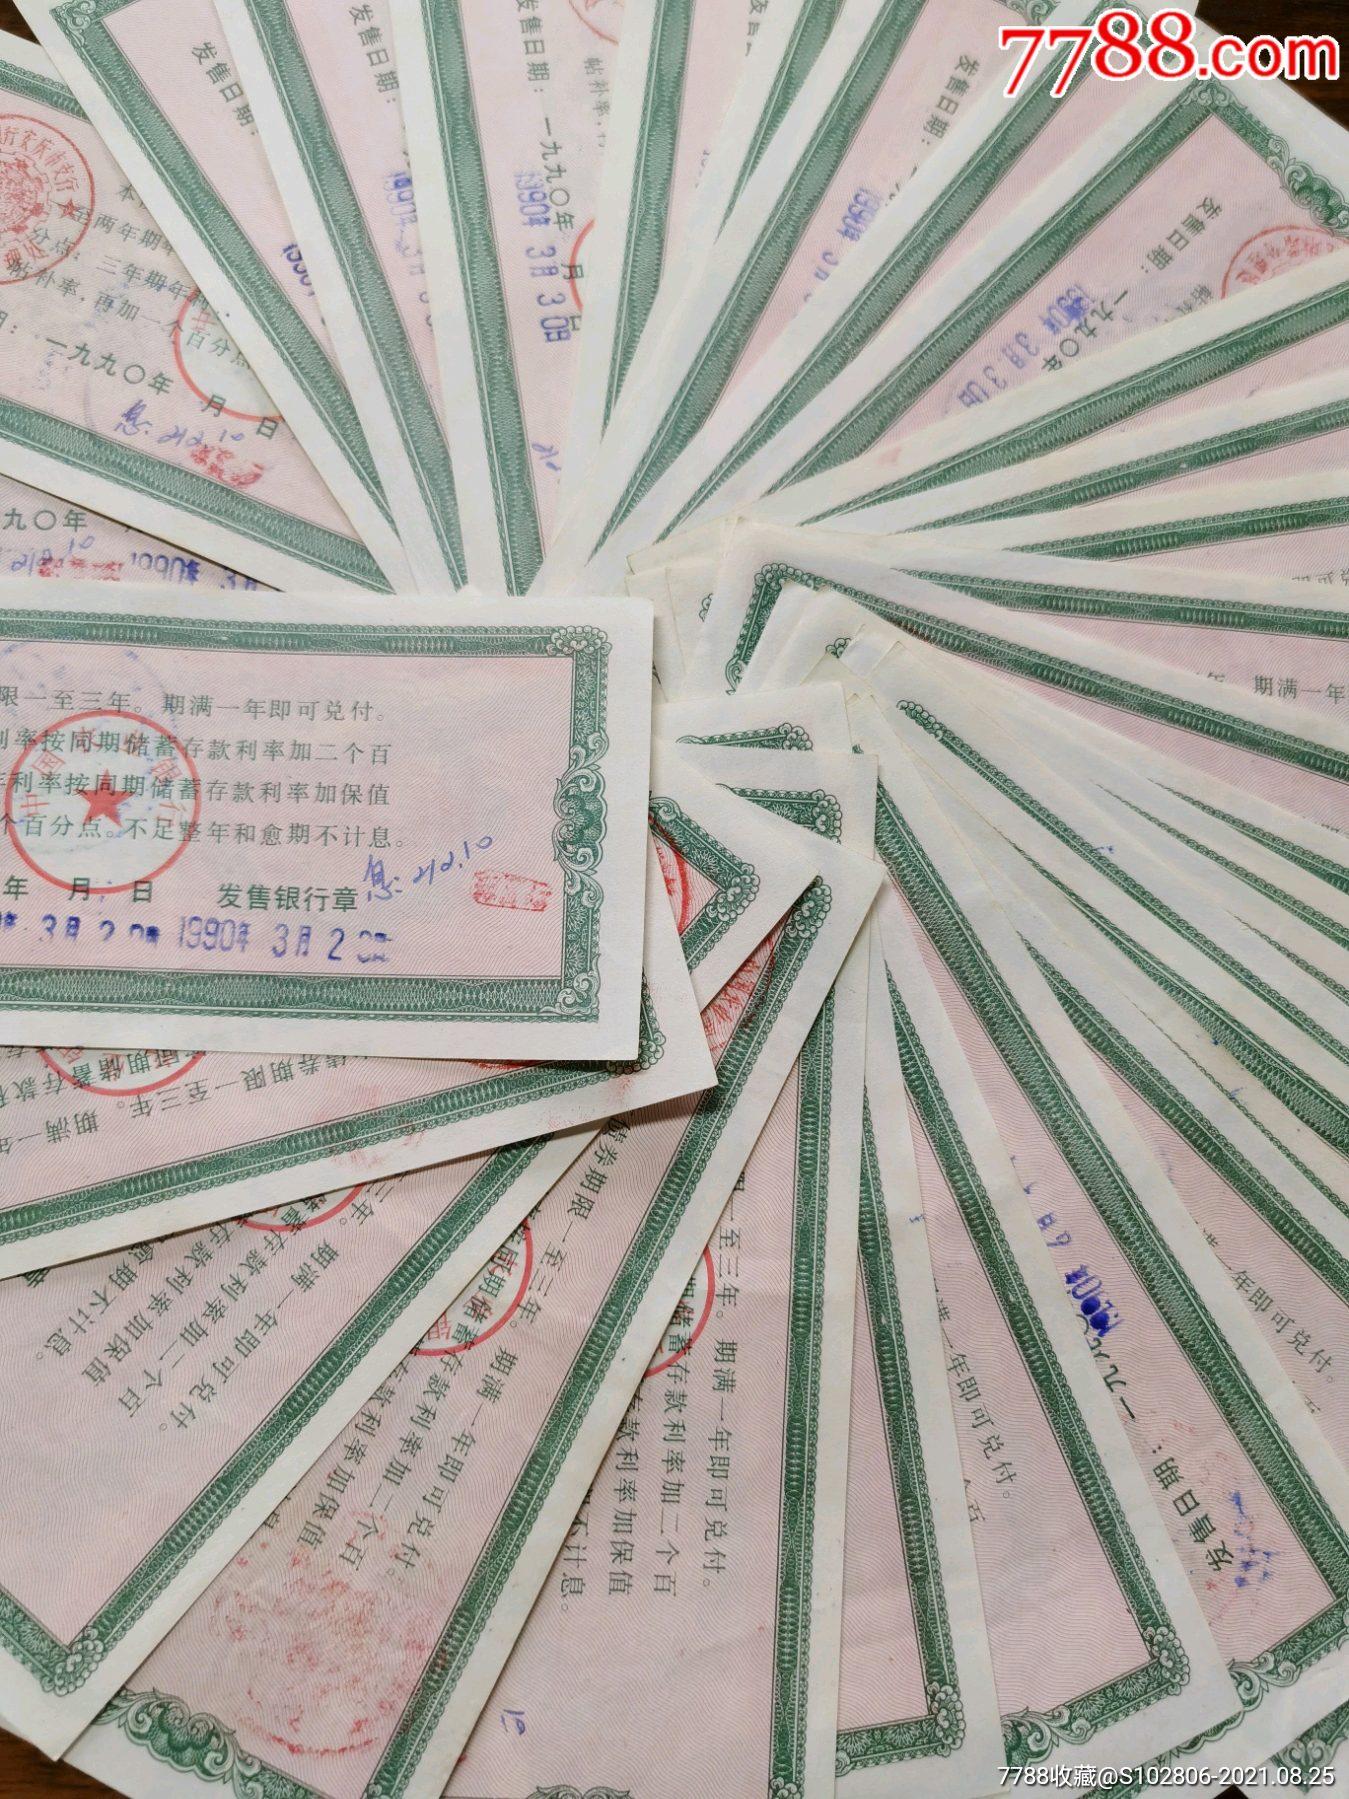 存世較少-中國農業銀行金融債券1990年,3枚成套,30套一起拍_價格850元_第12張_